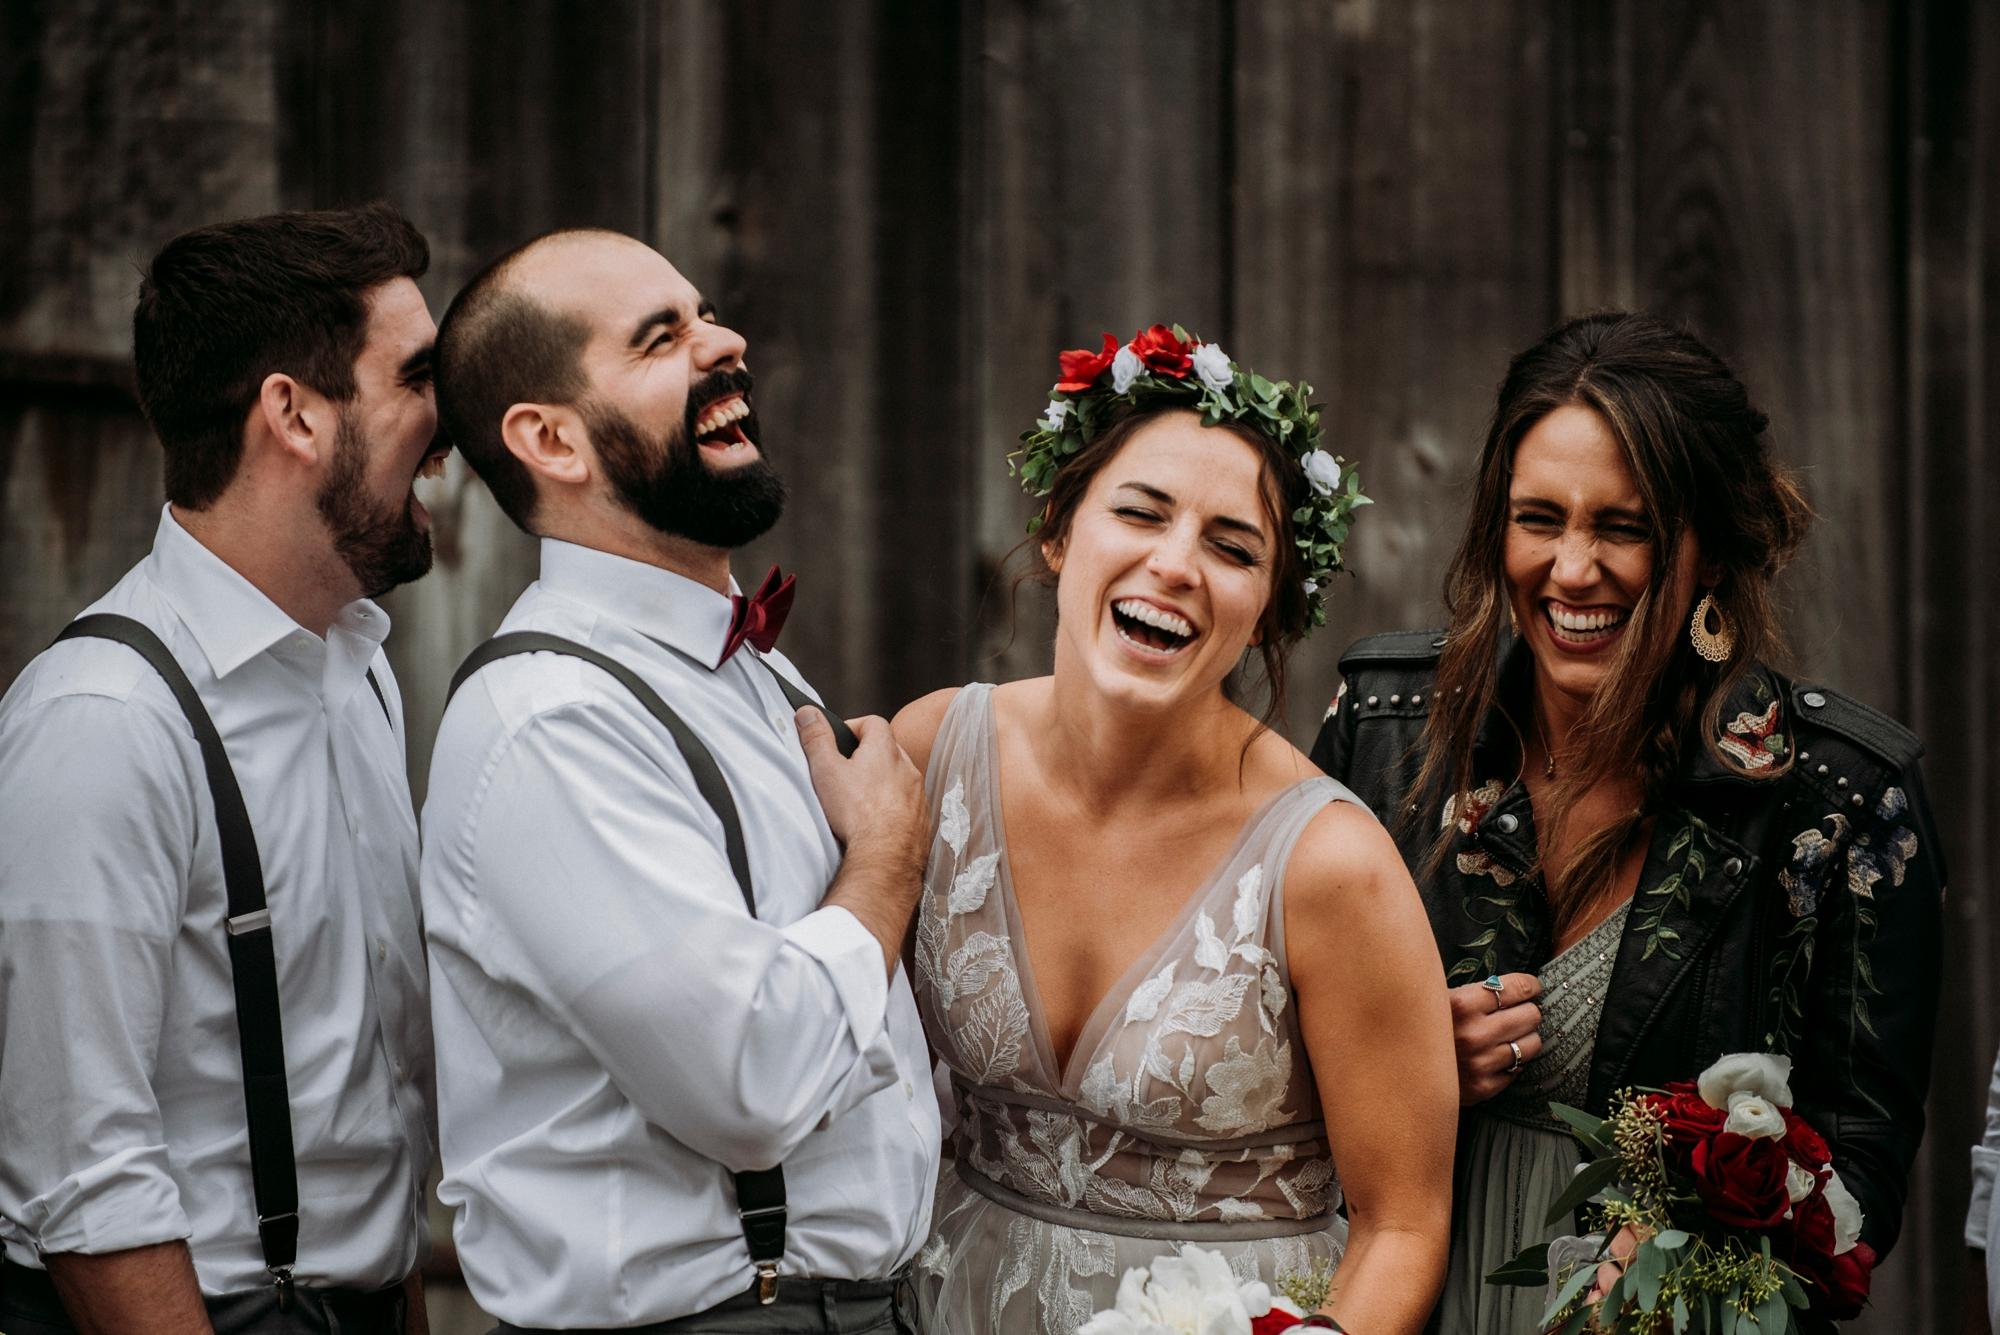 ethical-destination-wedding-stlouis_0031.jpg